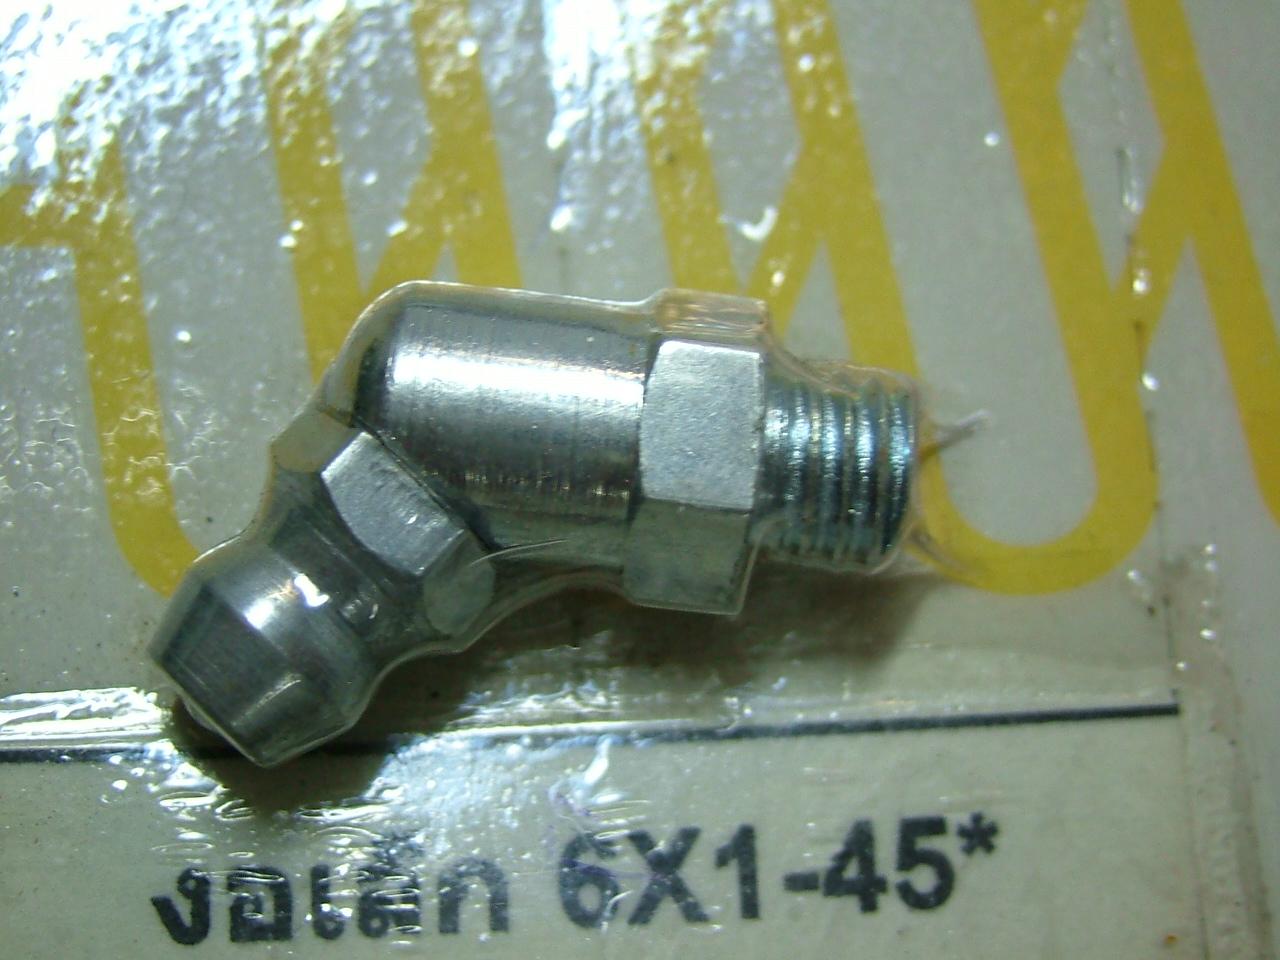 หัวอัดจารบีงอเล็ก 1/4-45* / 100ตัว/1กล่อง (2304005)